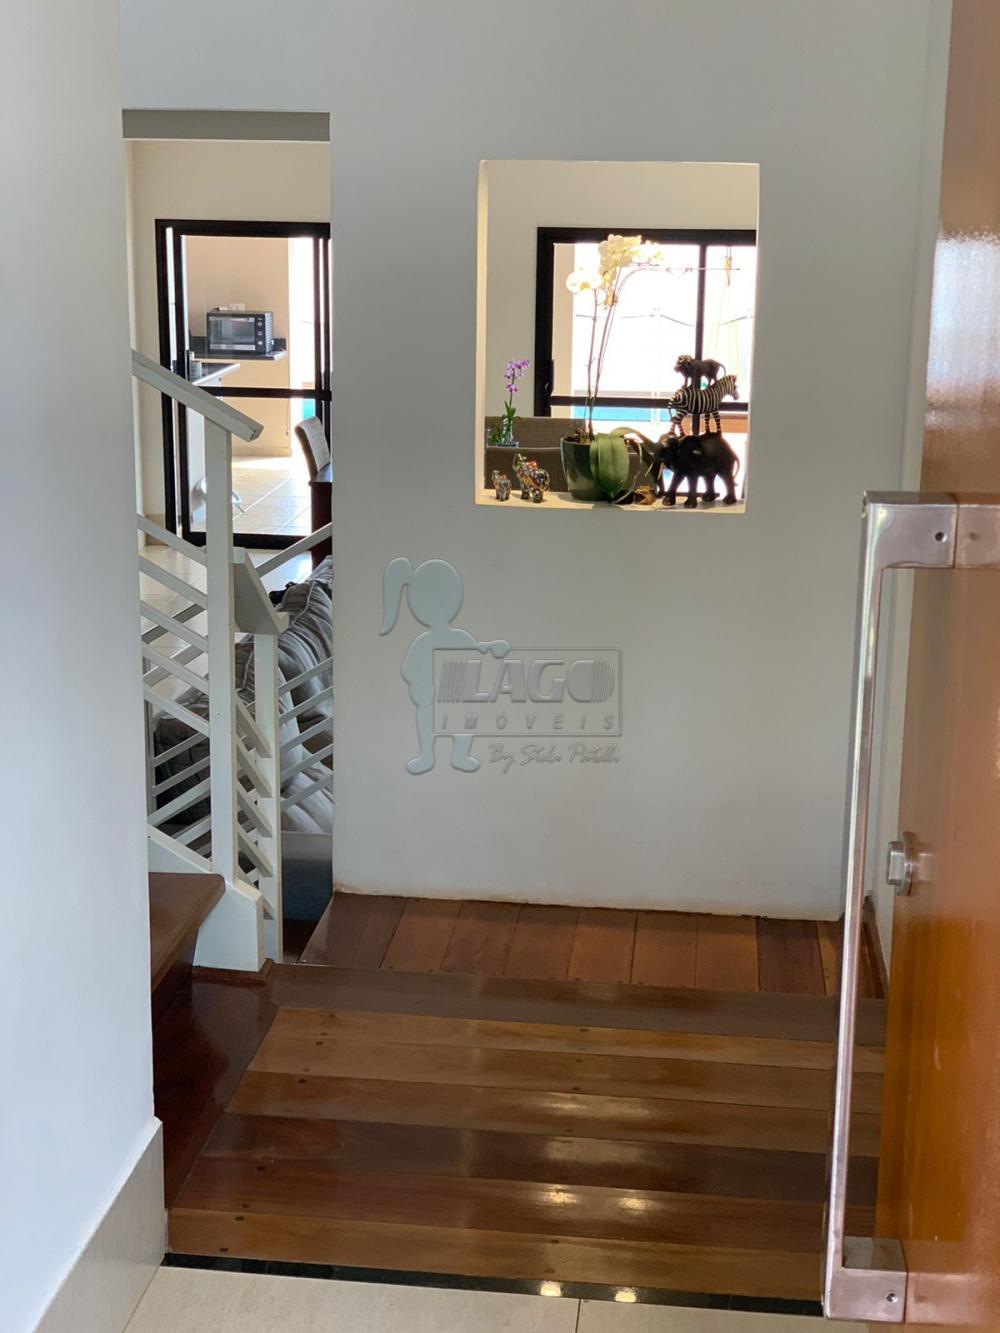 Comprar Casas / Condomínio em Bonfim Paulista R$ 1.555.000,00 - Foto 11